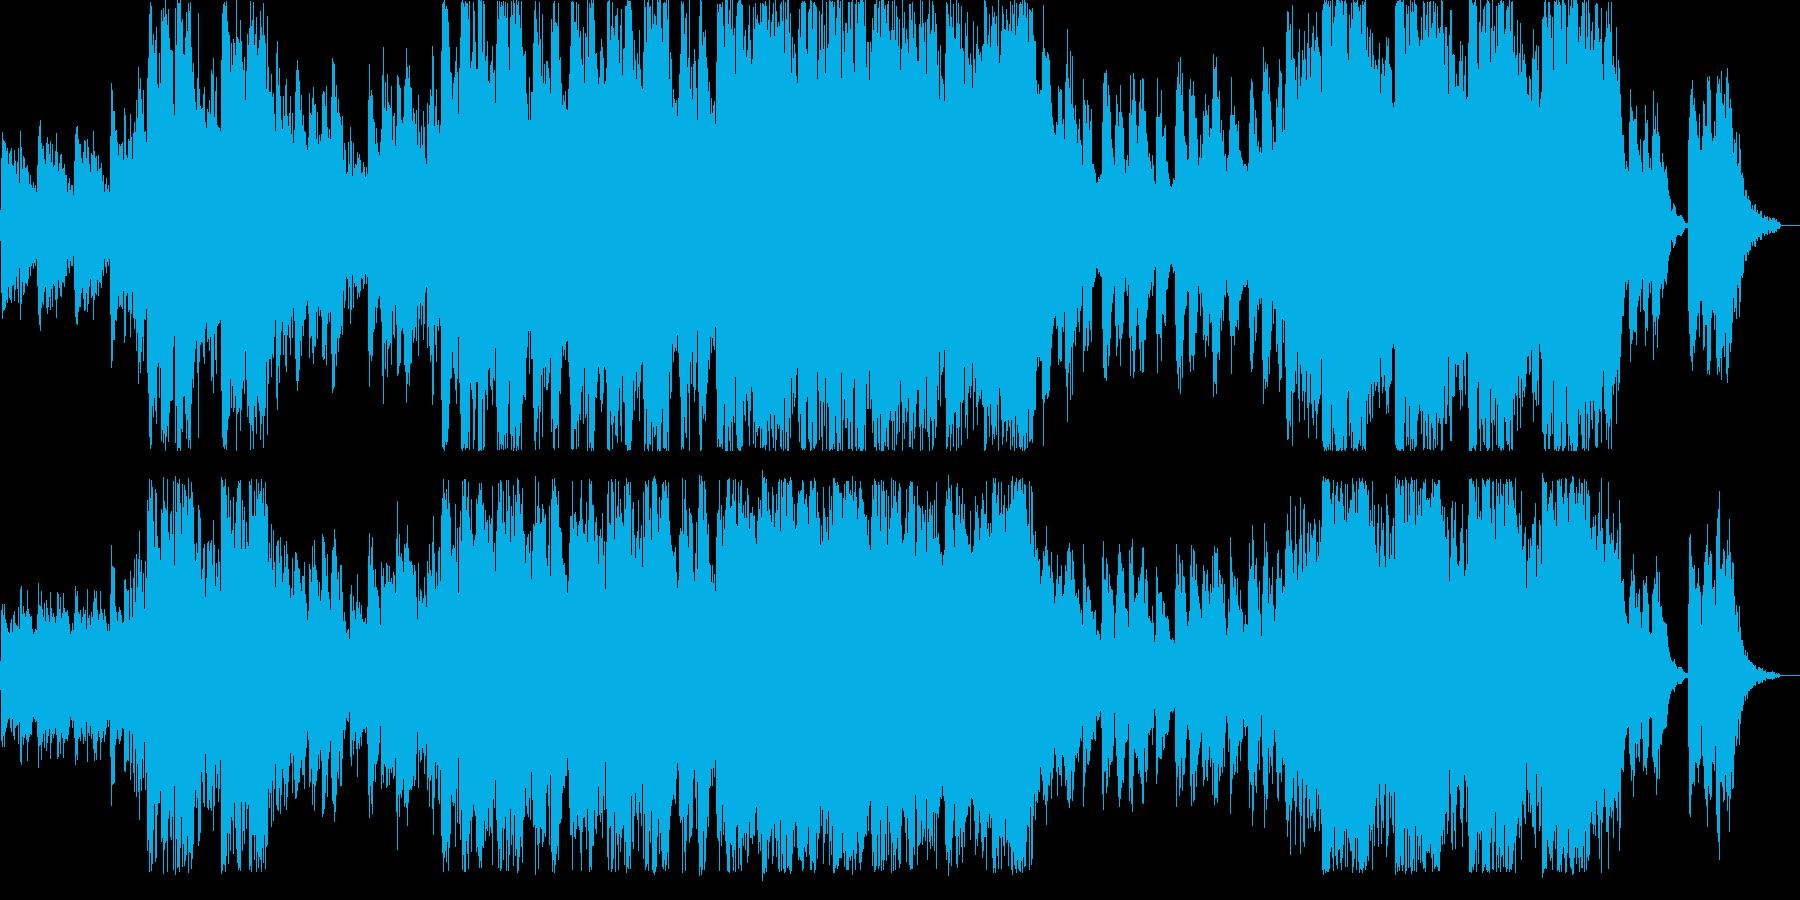 CMなど、近代的な製品向けの曲の再生済みの波形